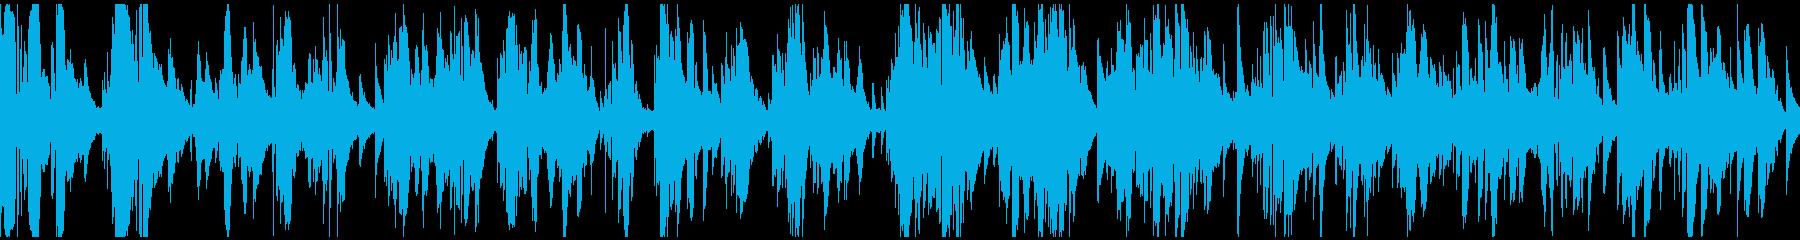 極太低音サックスのソフトジャズ※ループ版の再生済みの波形